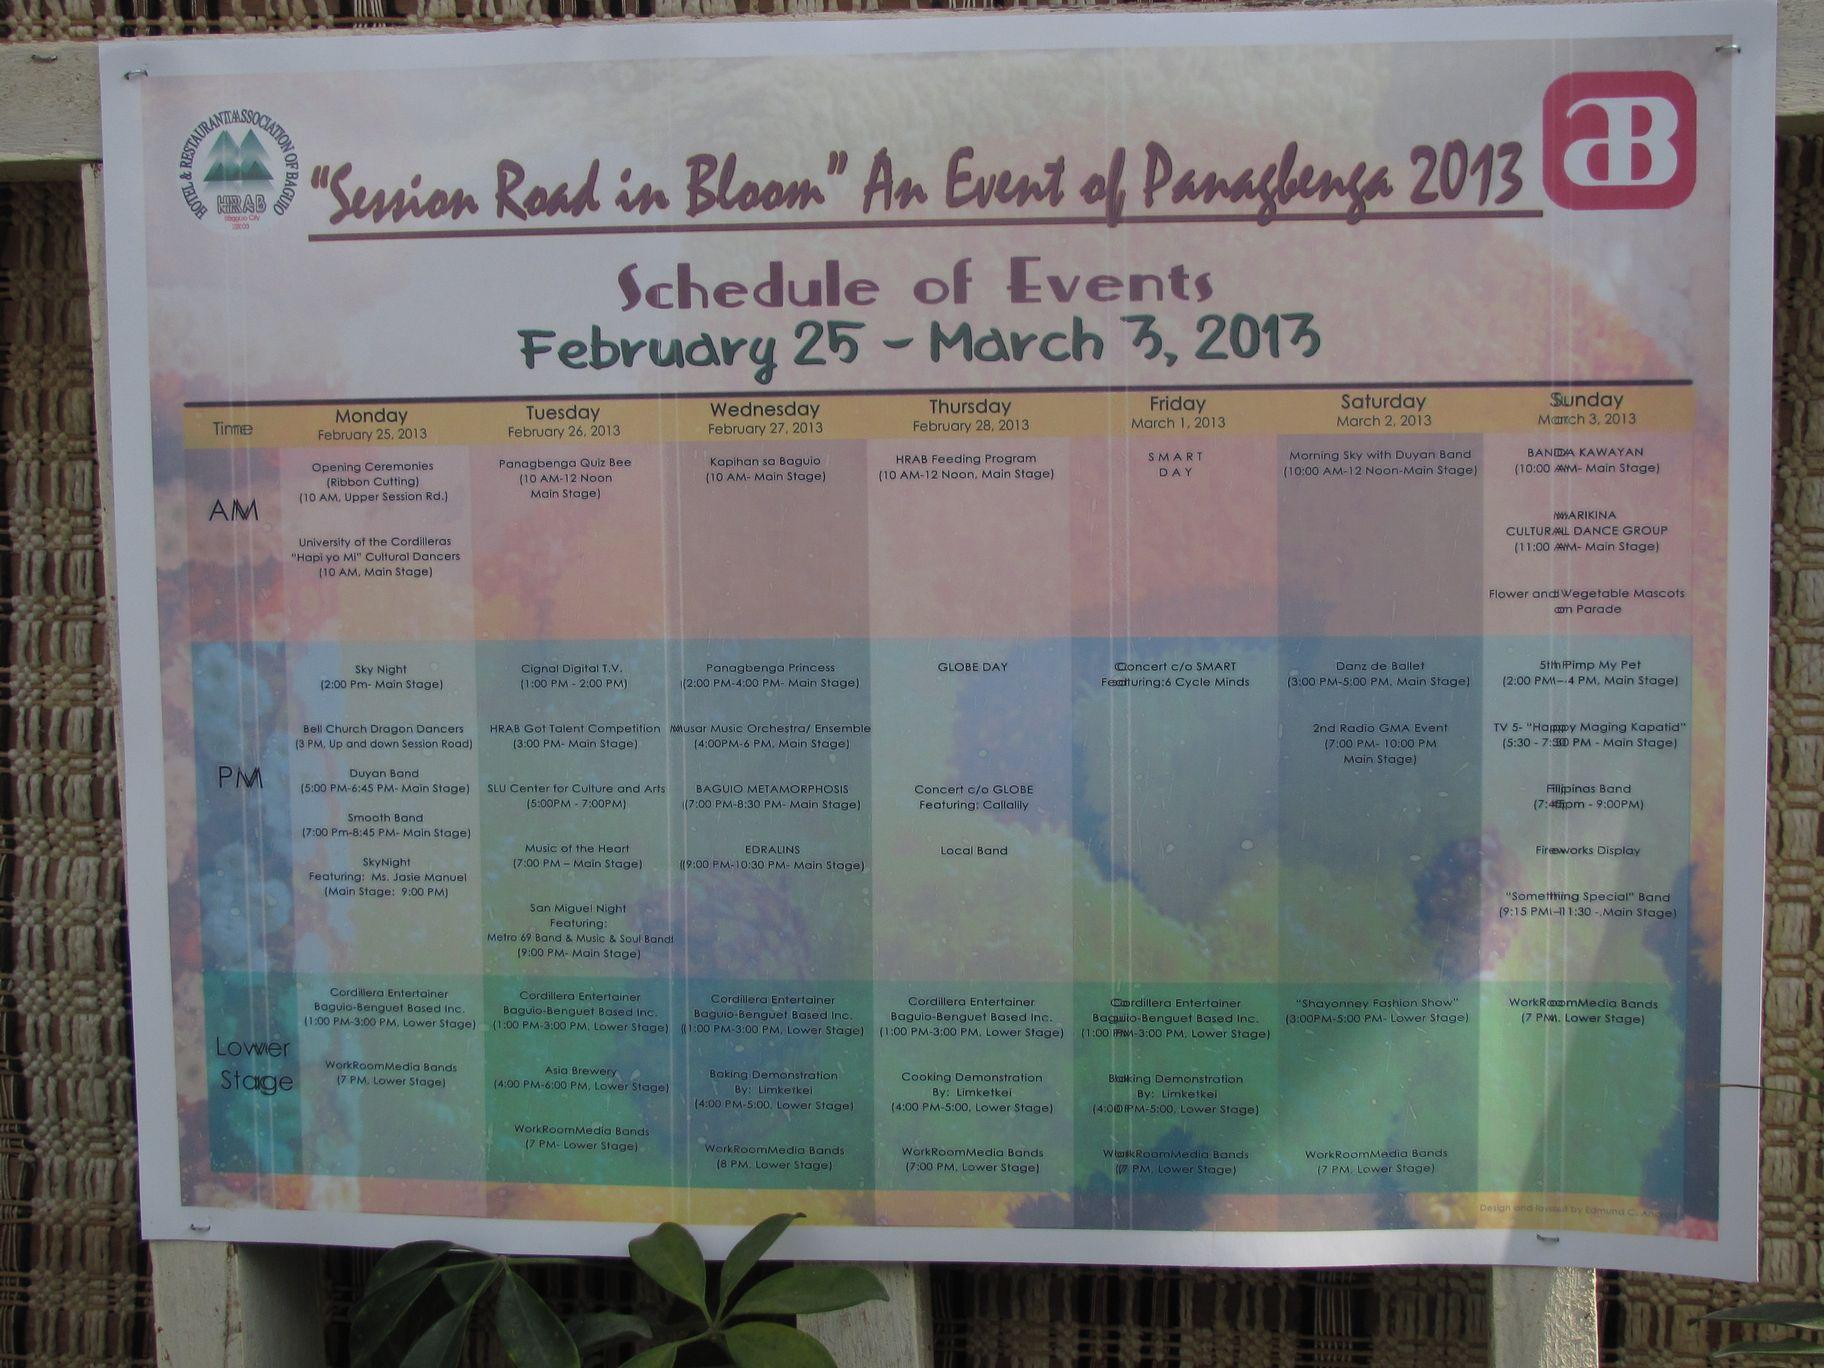 バギオ・フラワーフェスティバル 3月3日まで --- Session Road in Bloom_a0109542_11422530.jpg